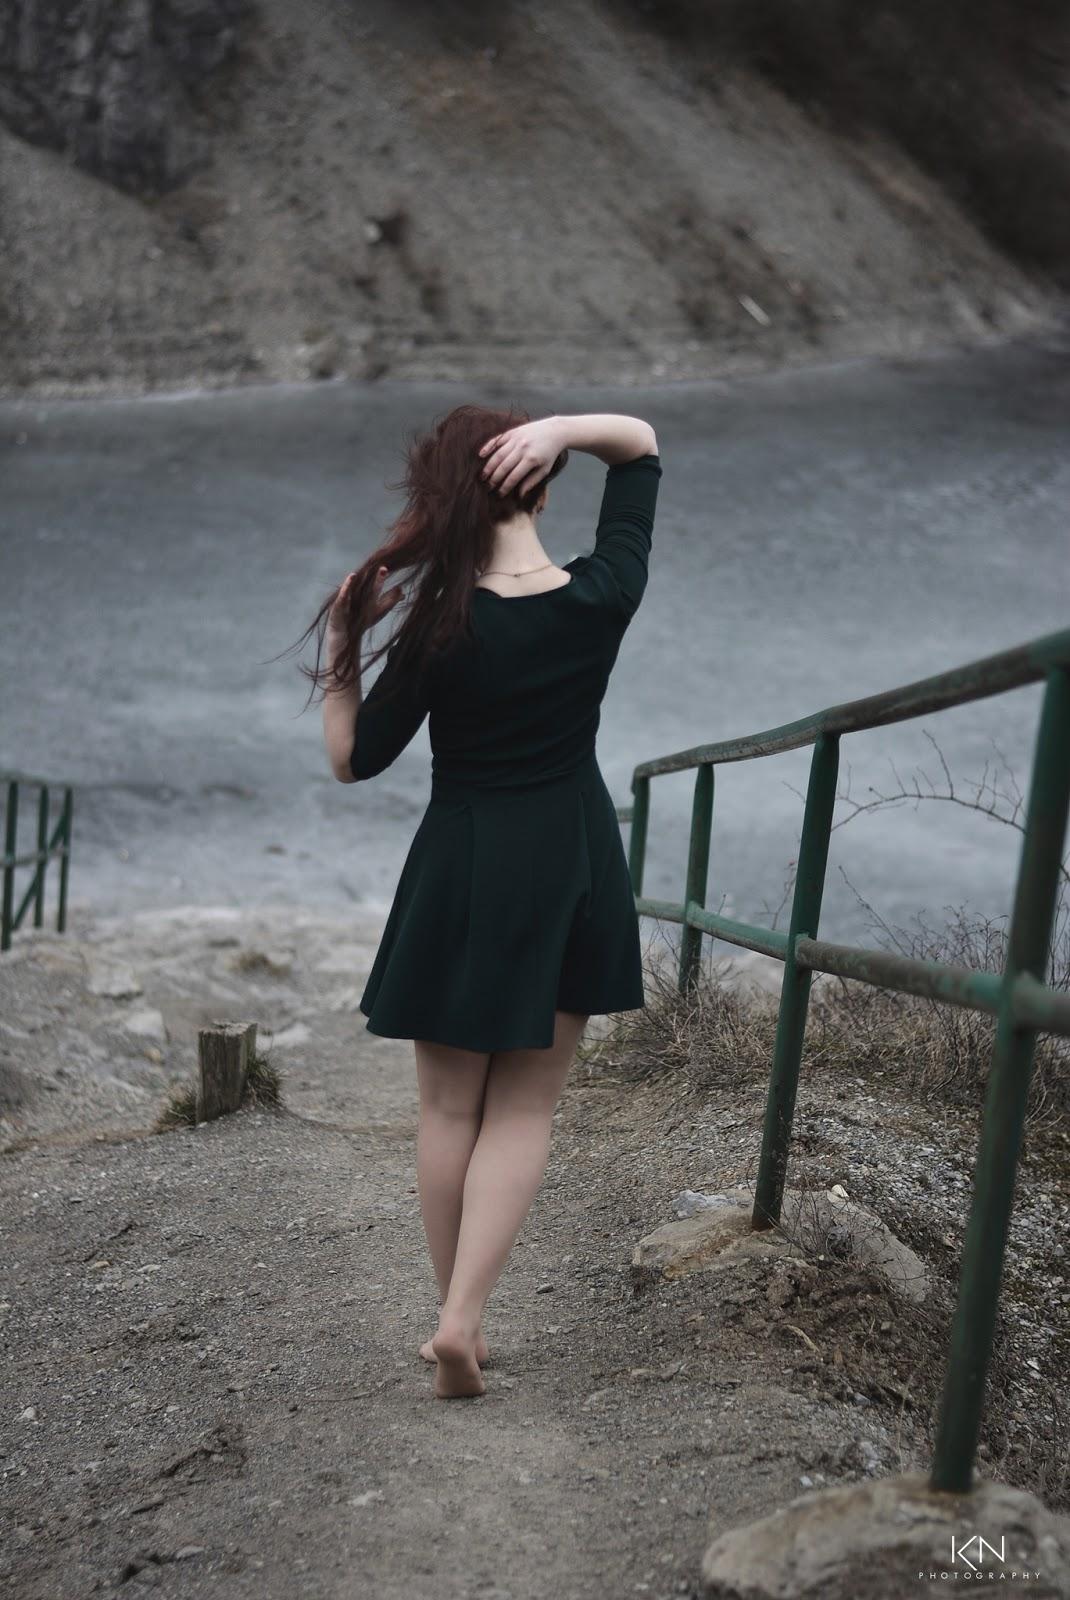 6.03.2017 Zielona rozkloszowana sukienka, czarne szpilki, Rezerwat Ślichowice Kielce